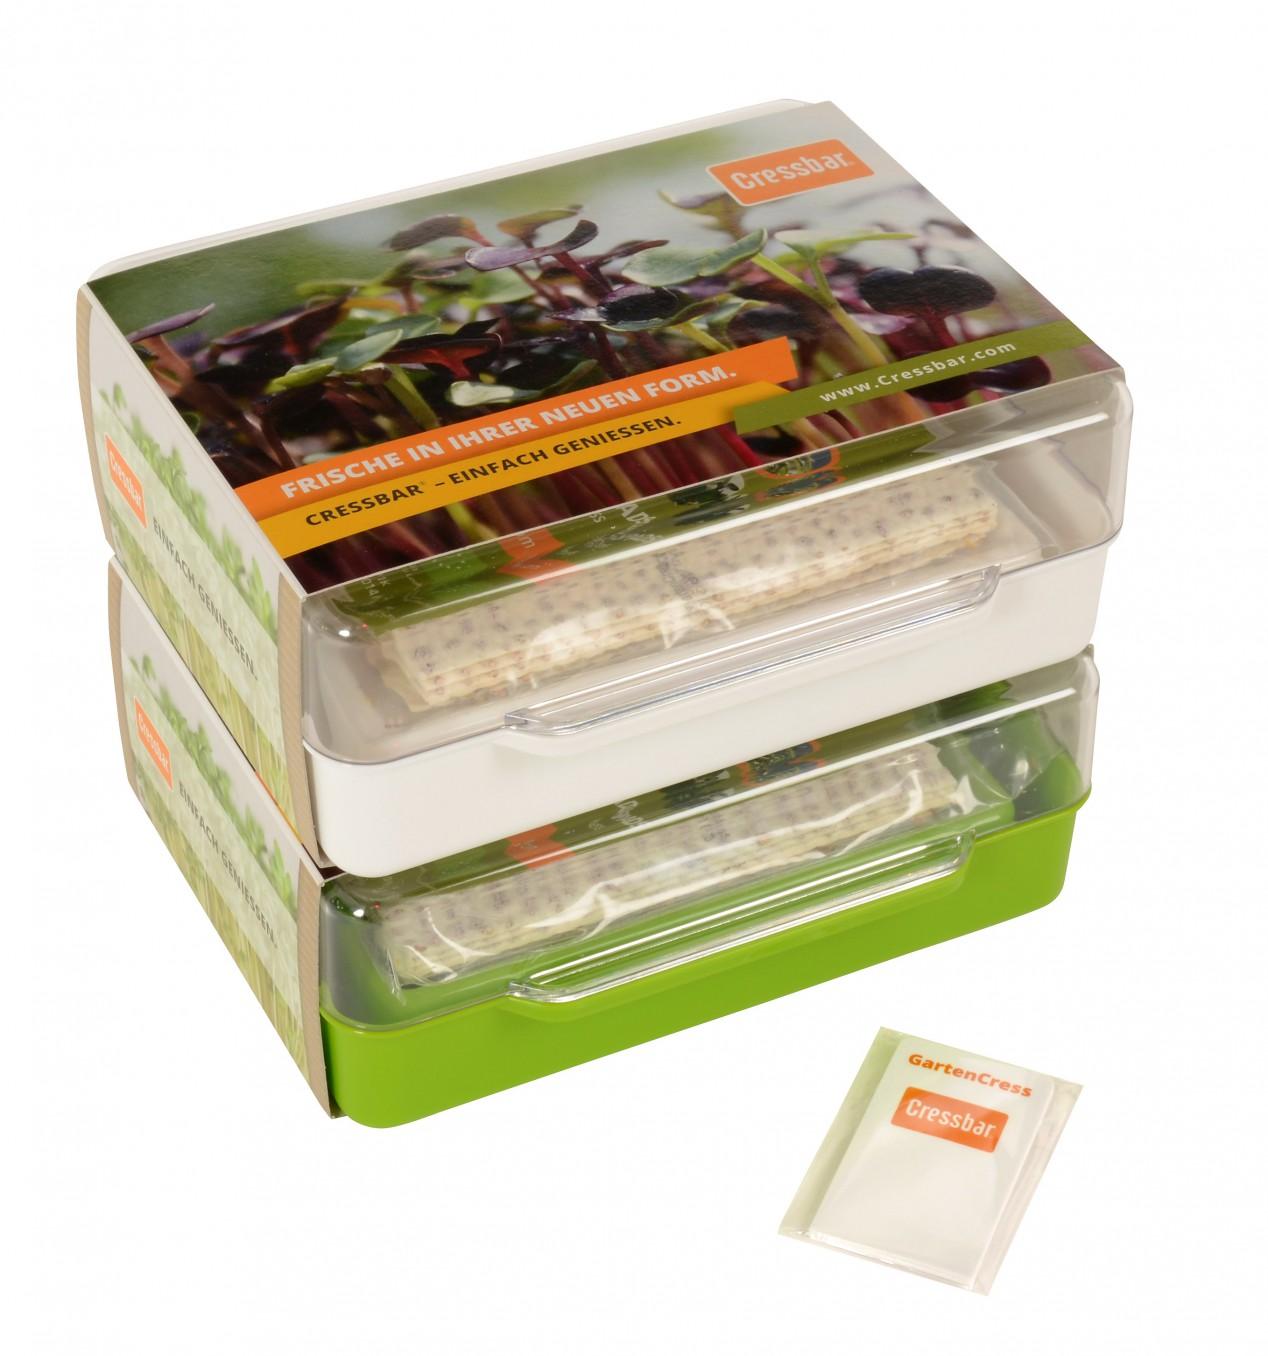 Cressbar®-Starter Kit Doppelpack